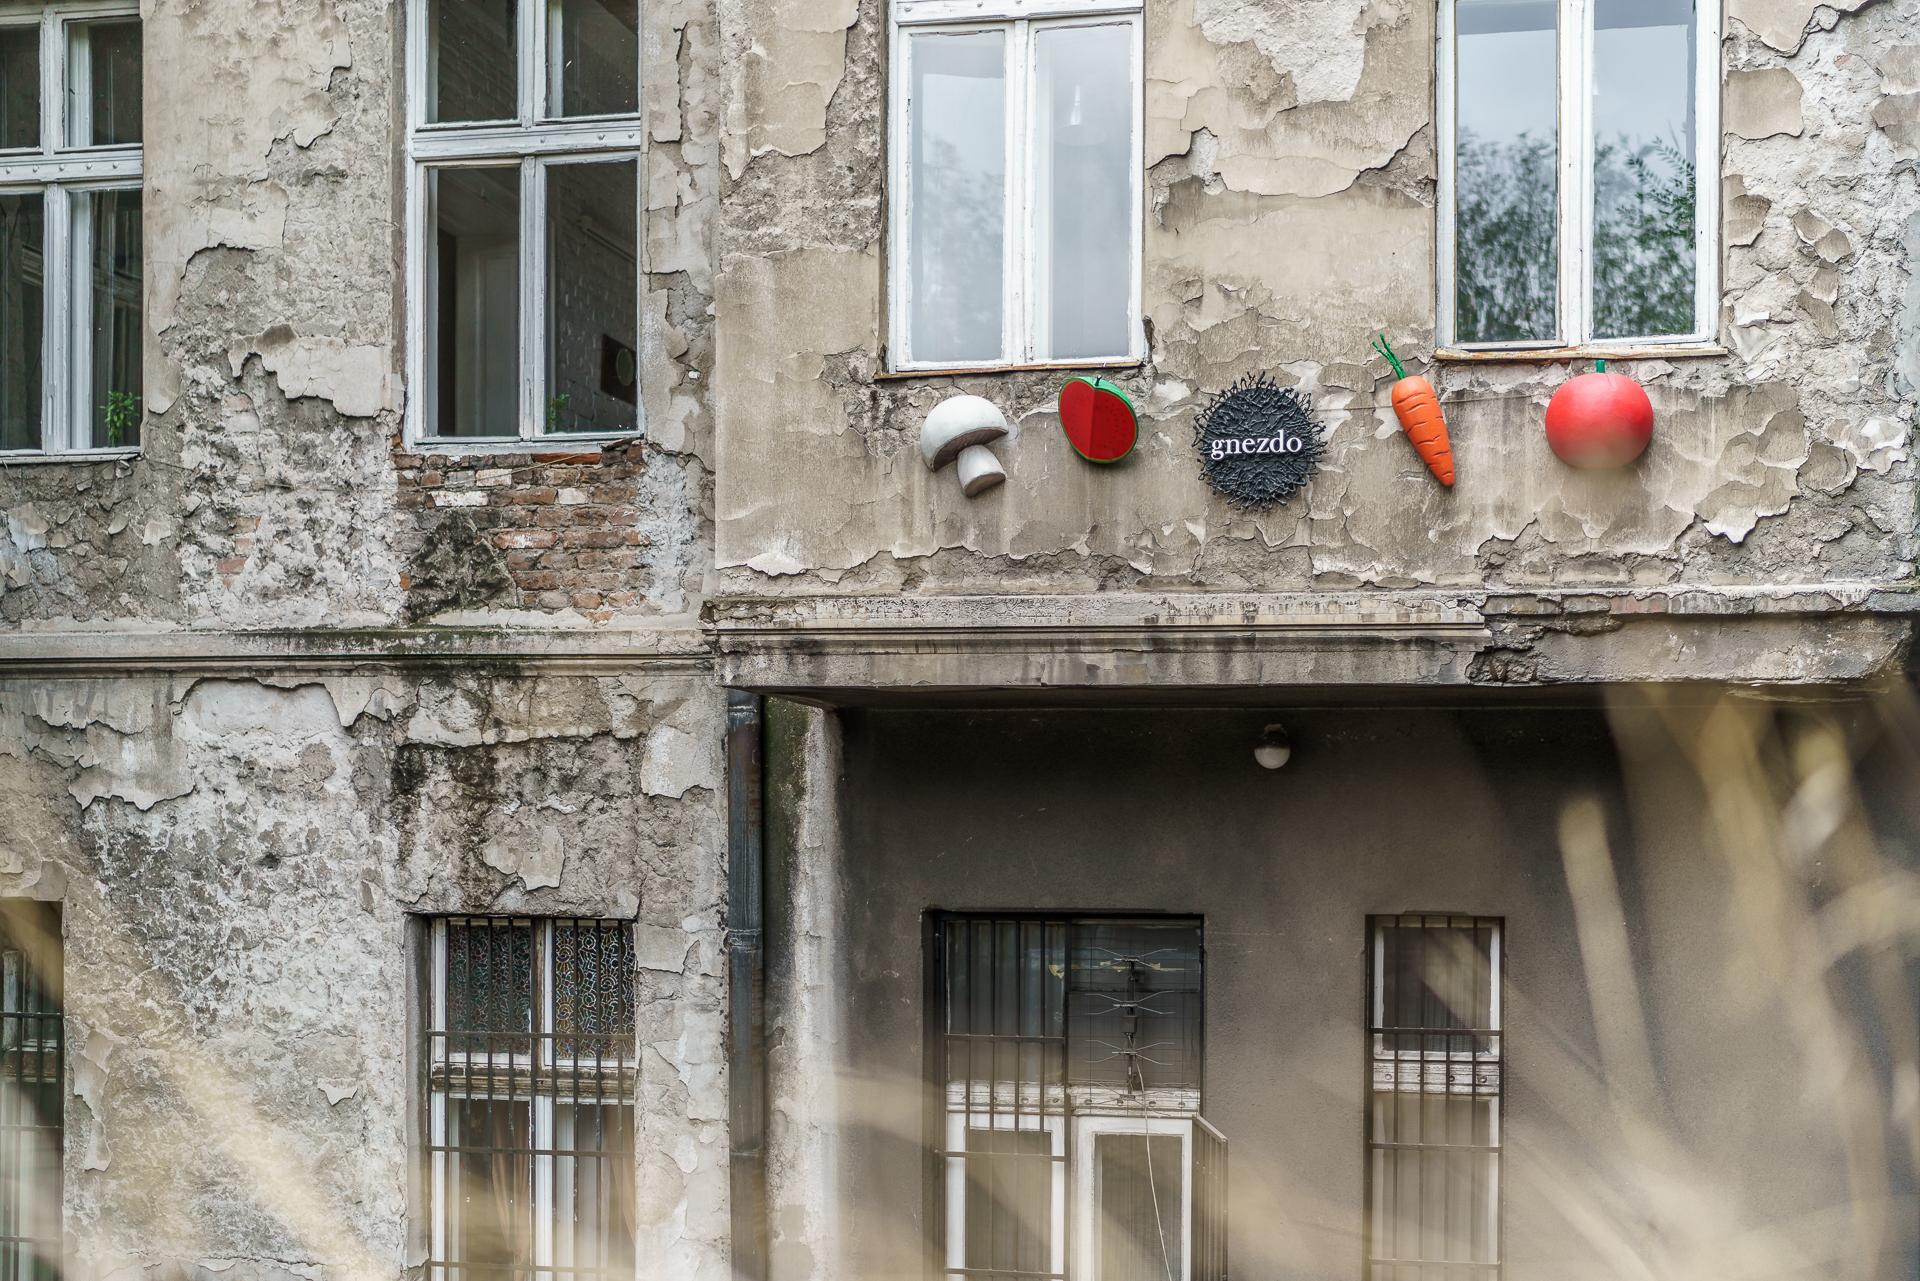 Gnezdo-Belgrad